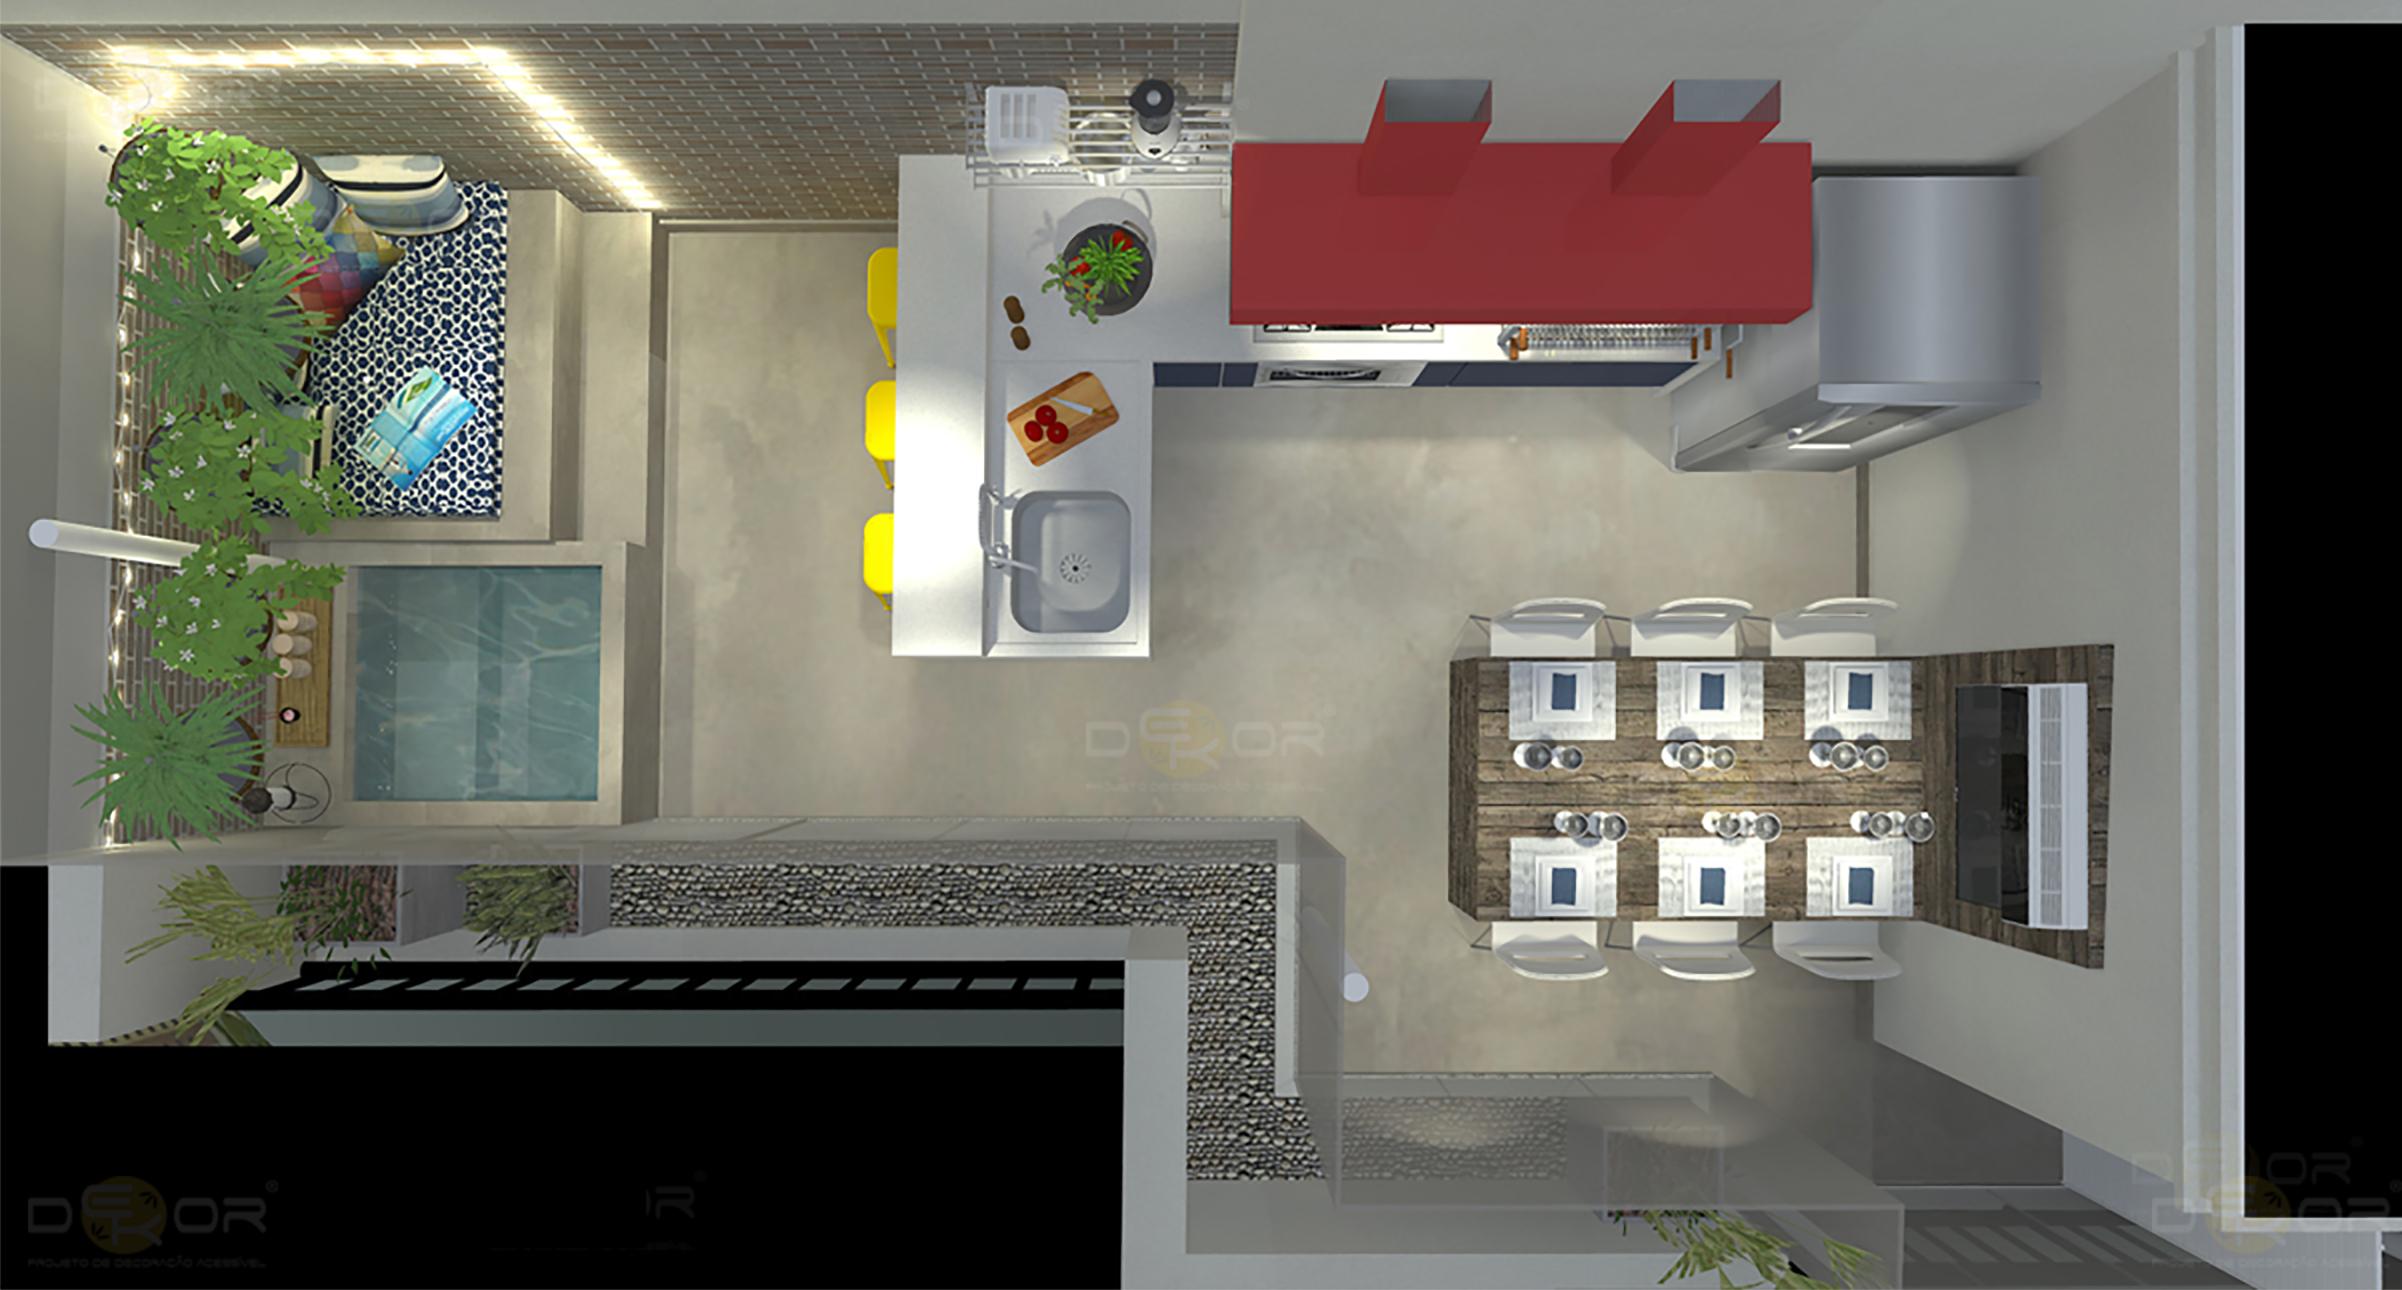 19/12/2013 2402 × 1290 Projeto de Cozinha – Decoração Online  #793535 2402 1290